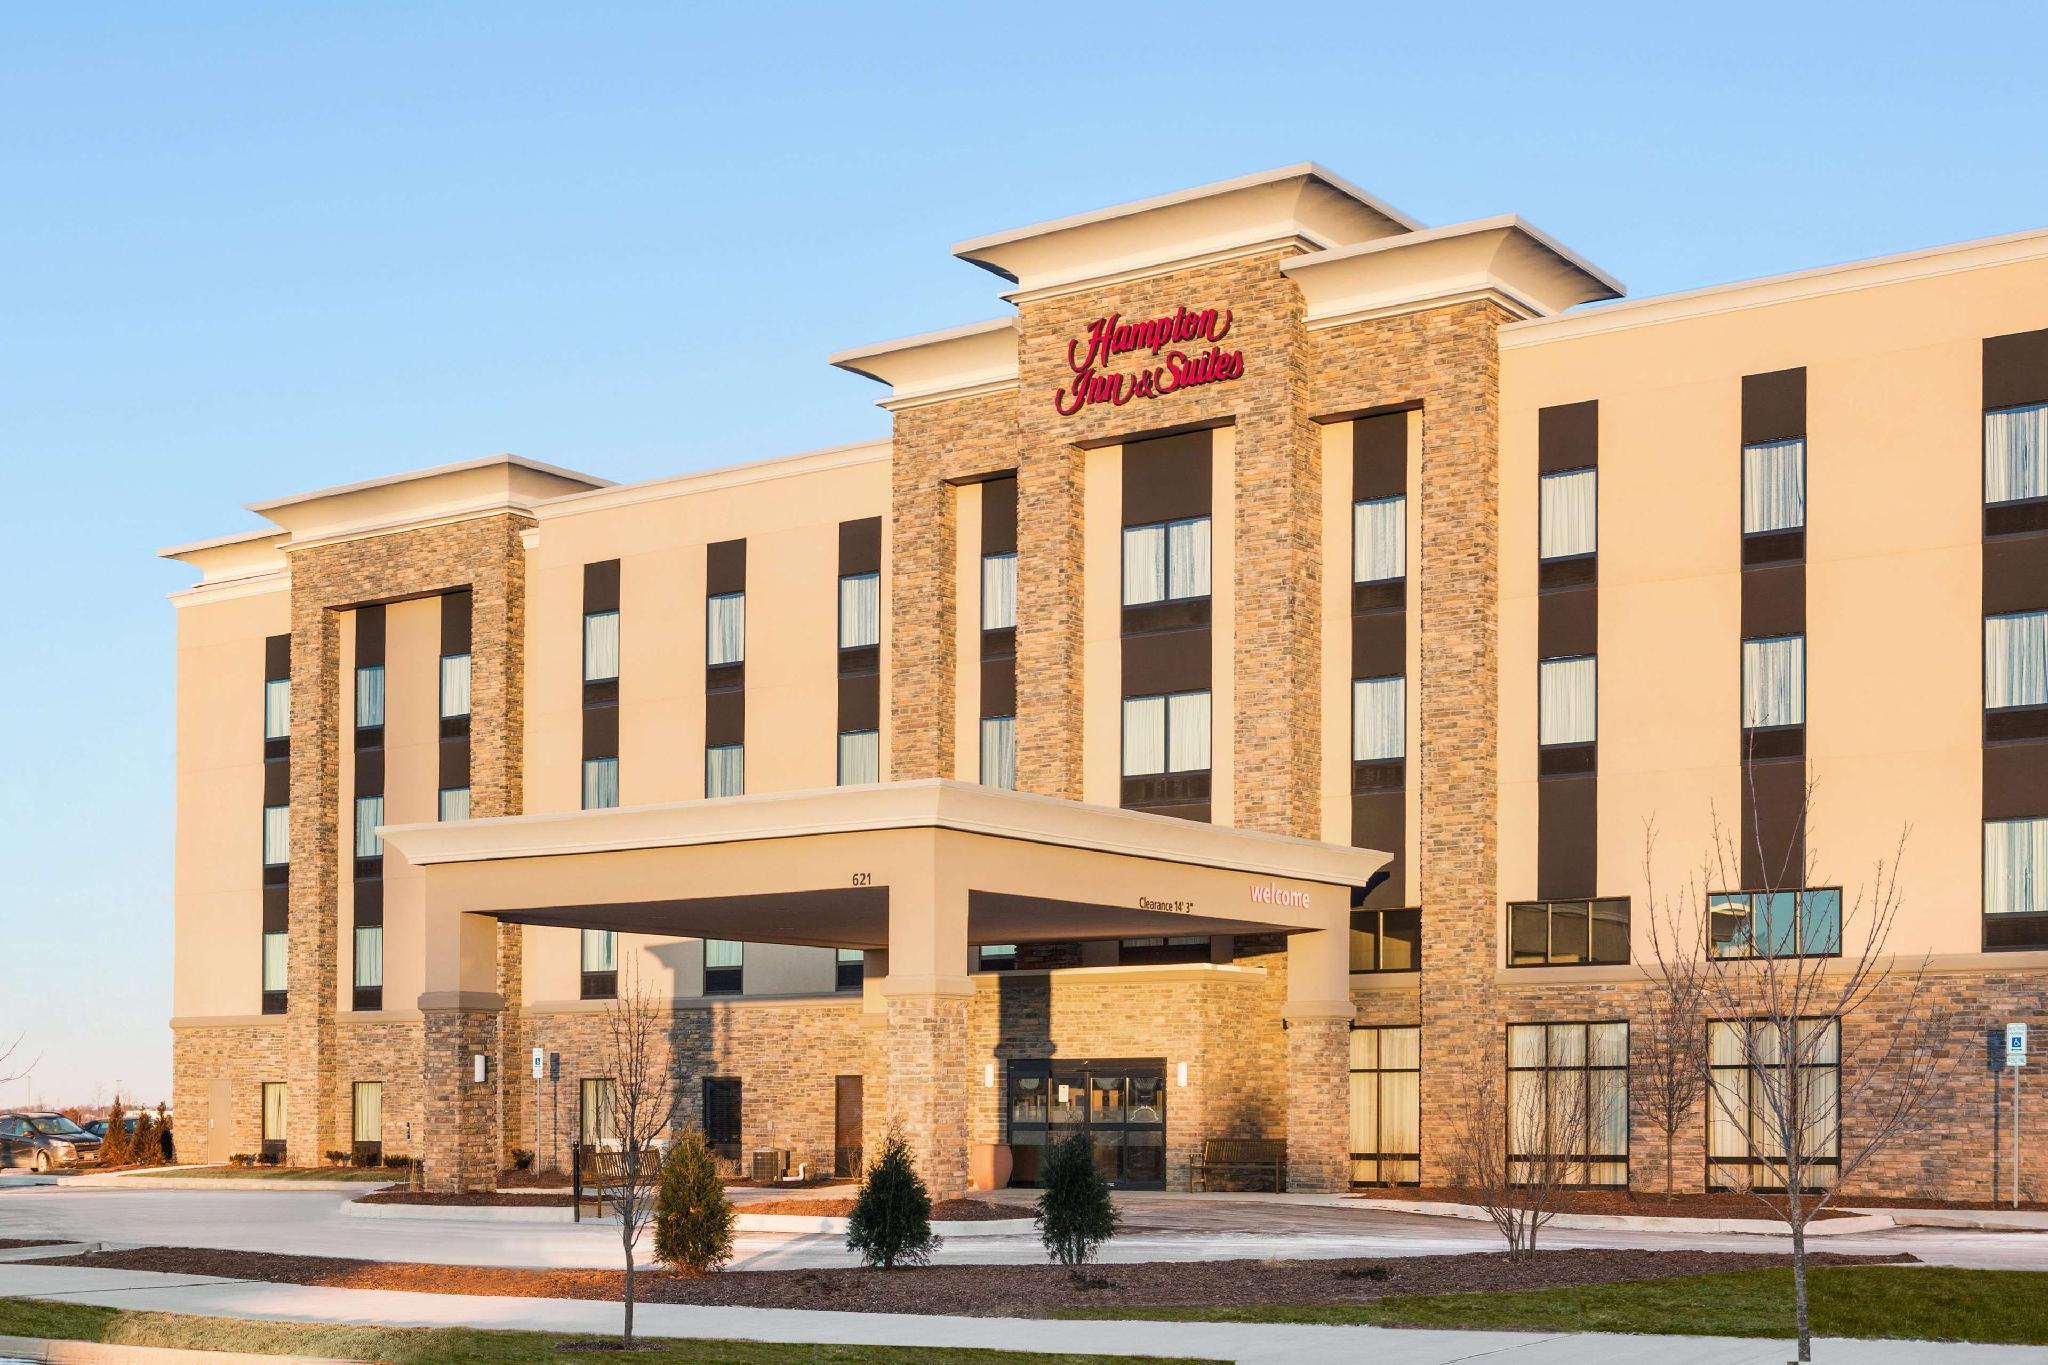 Hampton Inn And Suites Minooka IL